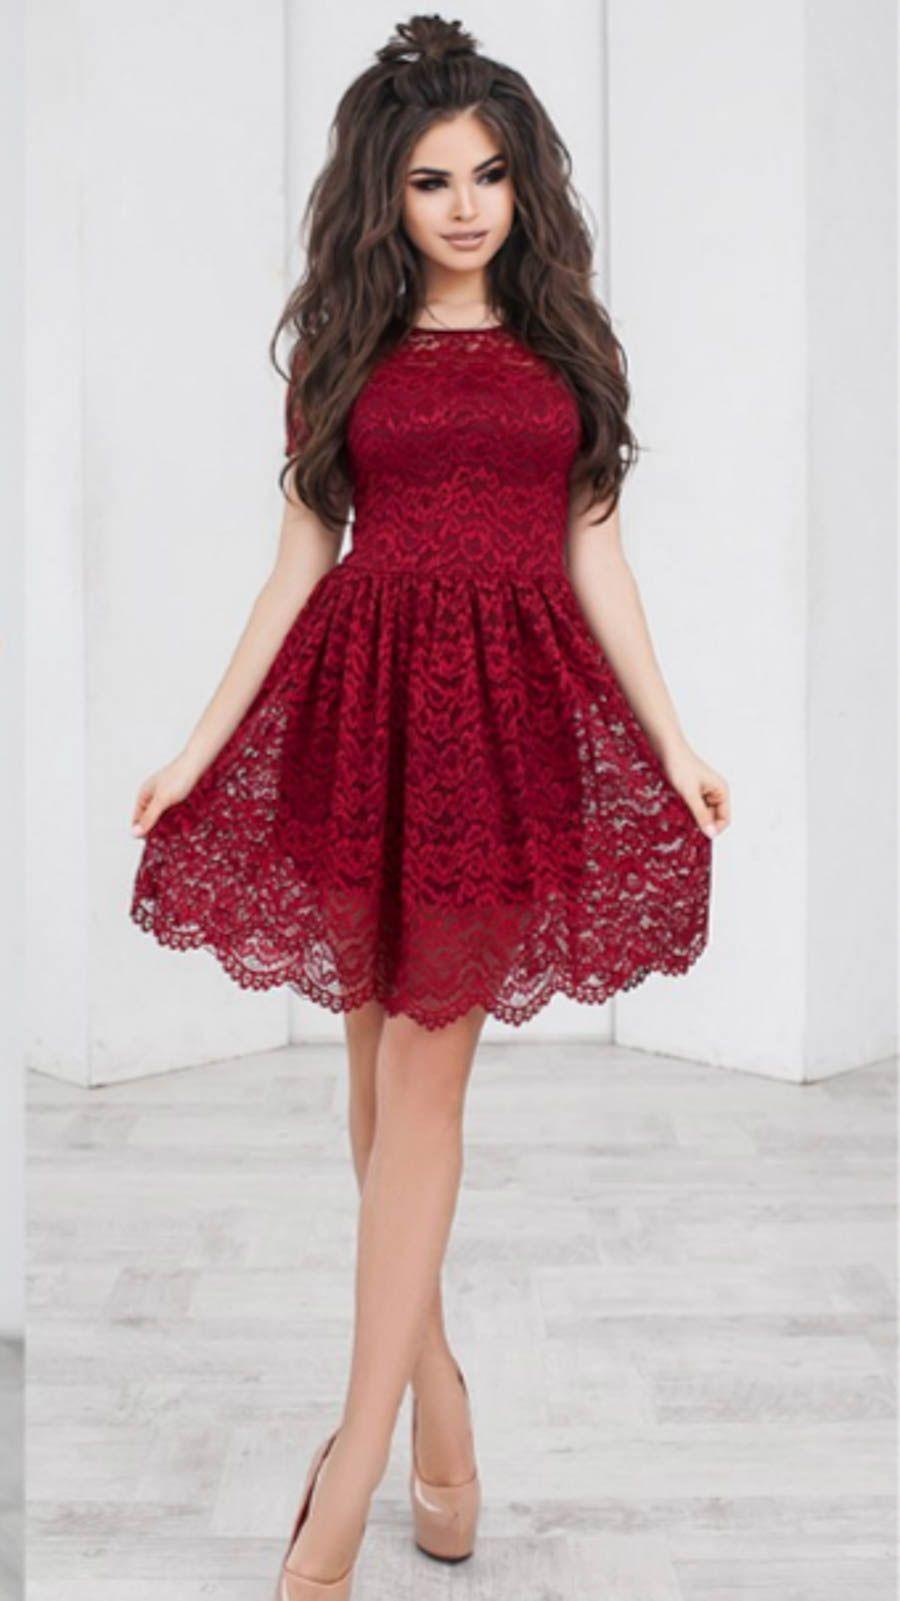 cb5a4c6cf9b96cb Красное гипюровое платье-колокольчик | Платья | Платья, Колокольчик ...